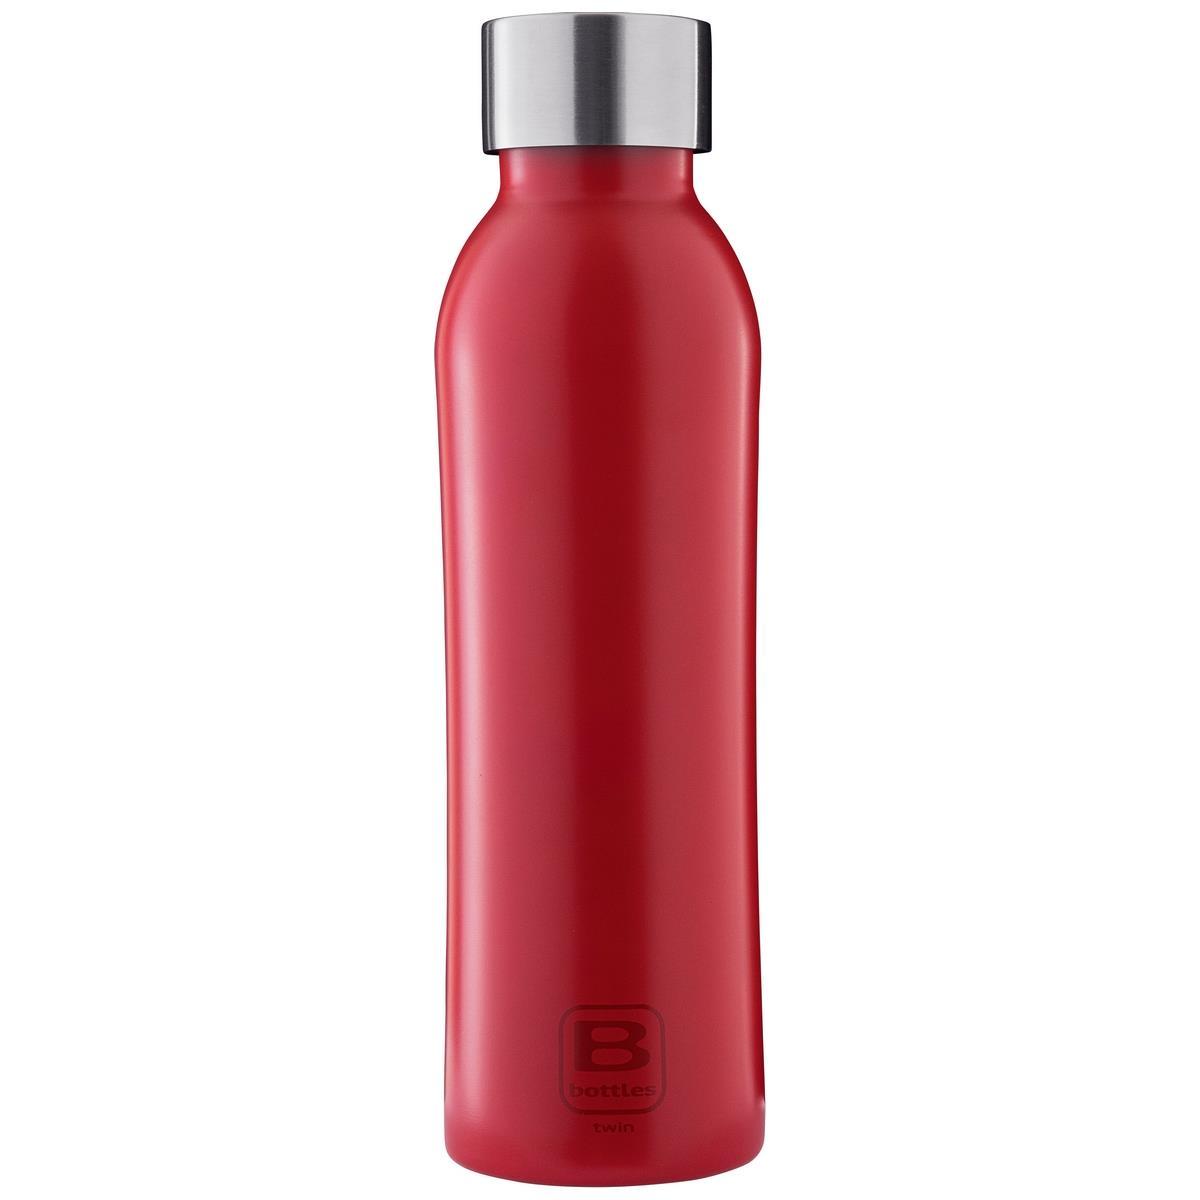 B Bottles Twin - Rosso - 500 ml - Bottiglia Termica a doppia parete in acciaio inox 18/10